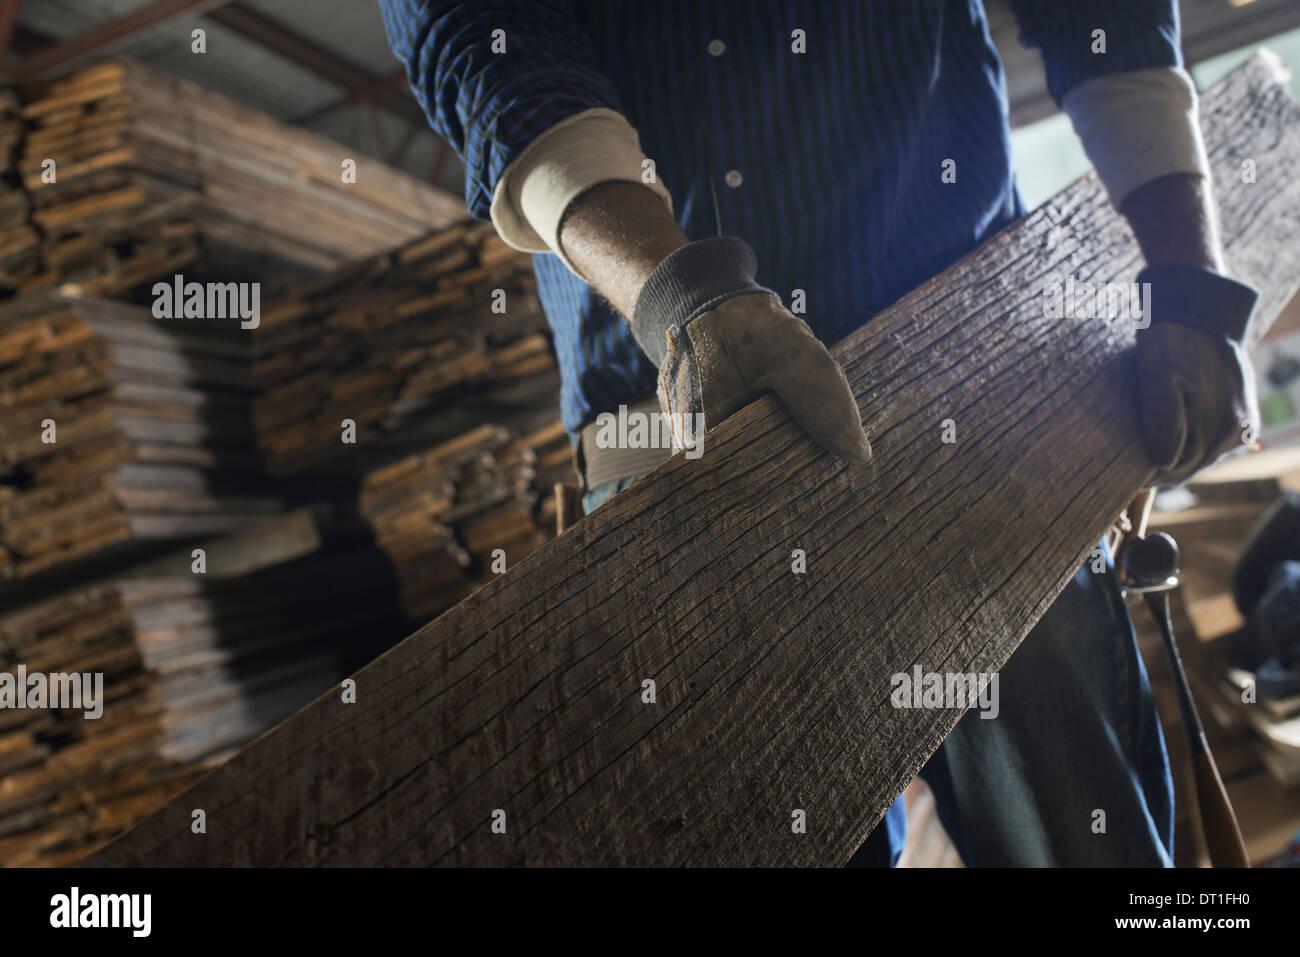 Ein Haufen von recycelten aufgearbeiteten Holz Holzplatten in einem Holz Hof einen Mann mit einem großen Brett Stockbild